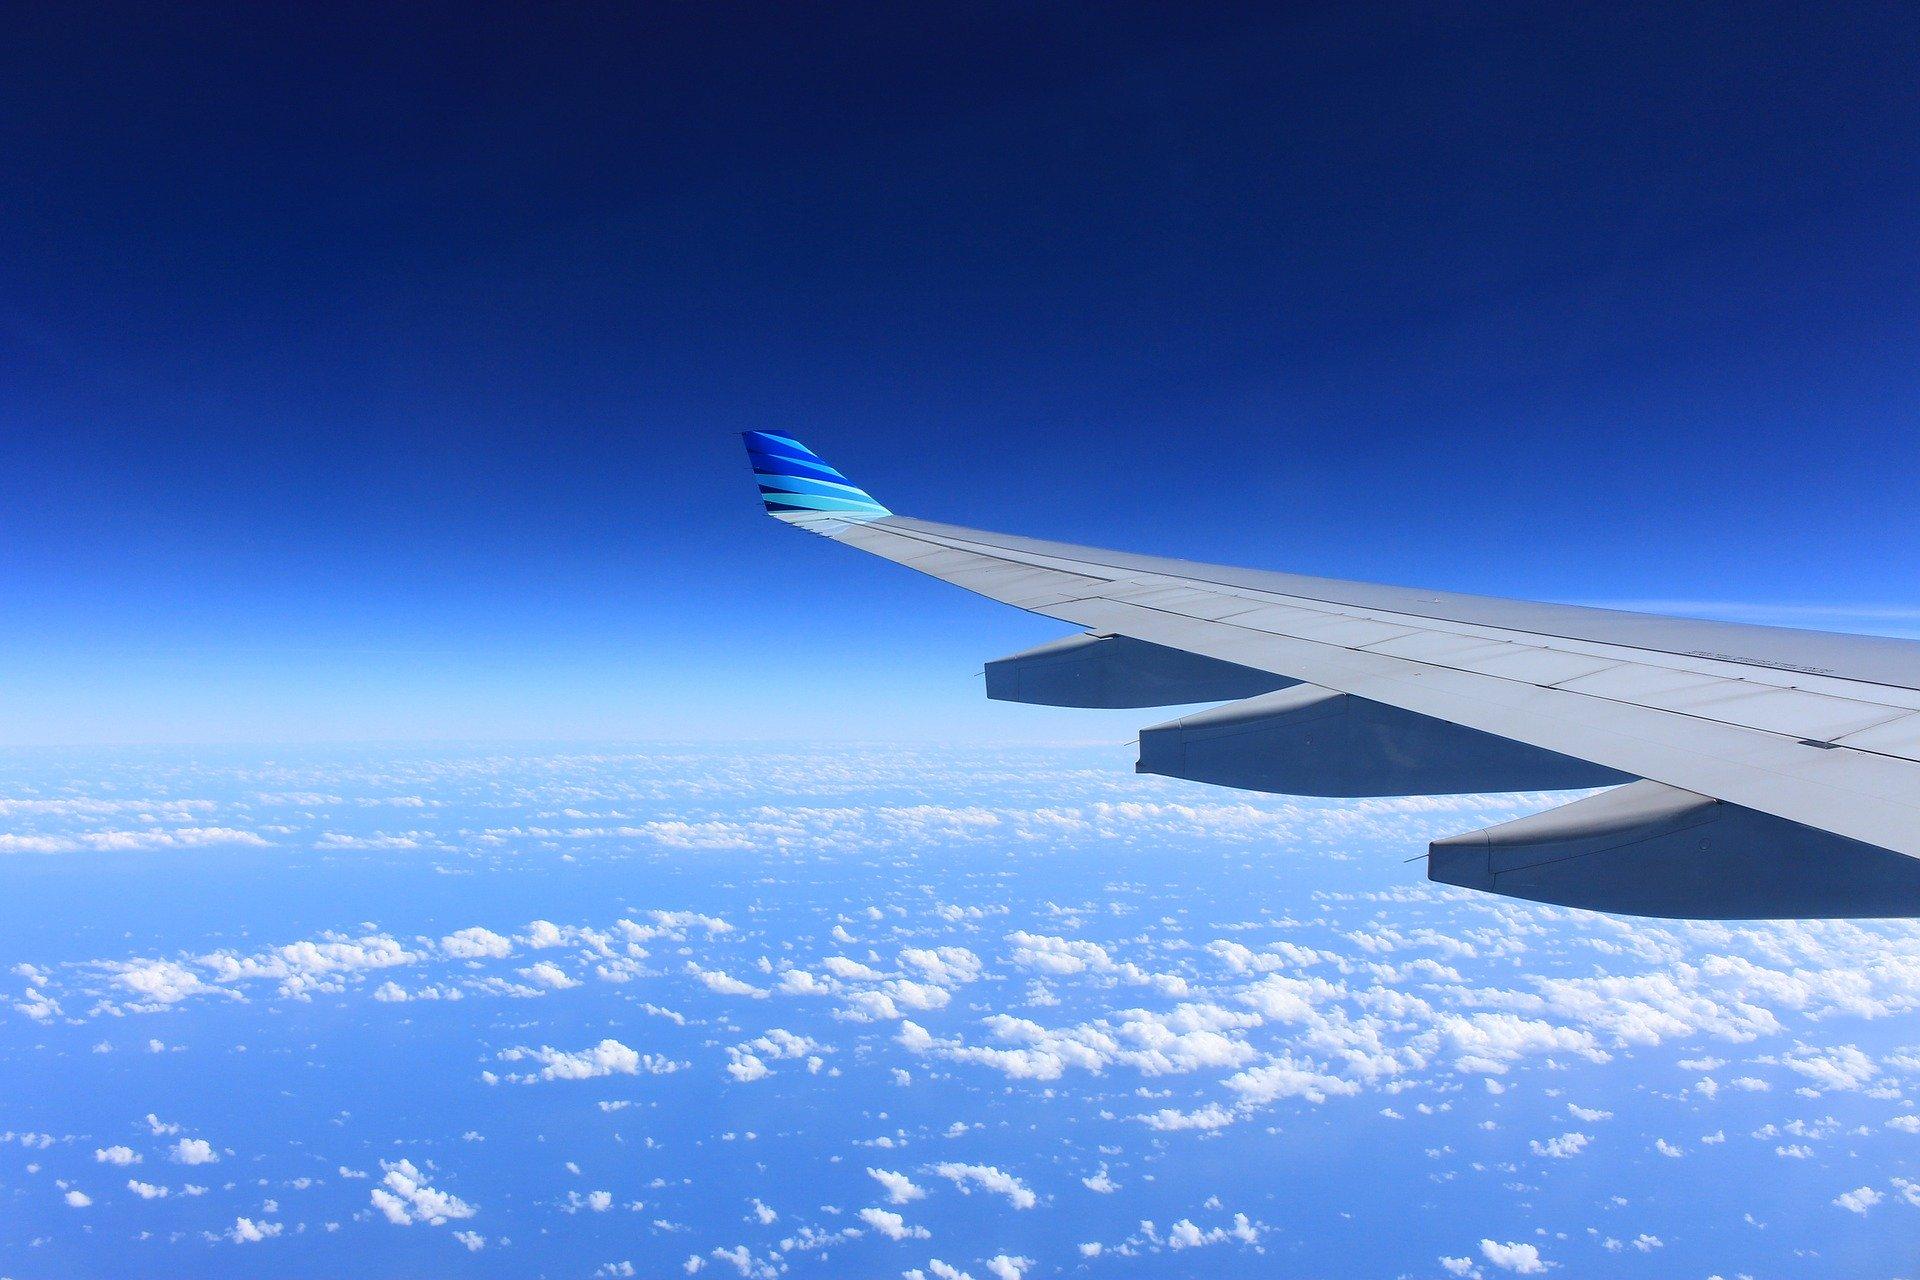 Plane cloud view